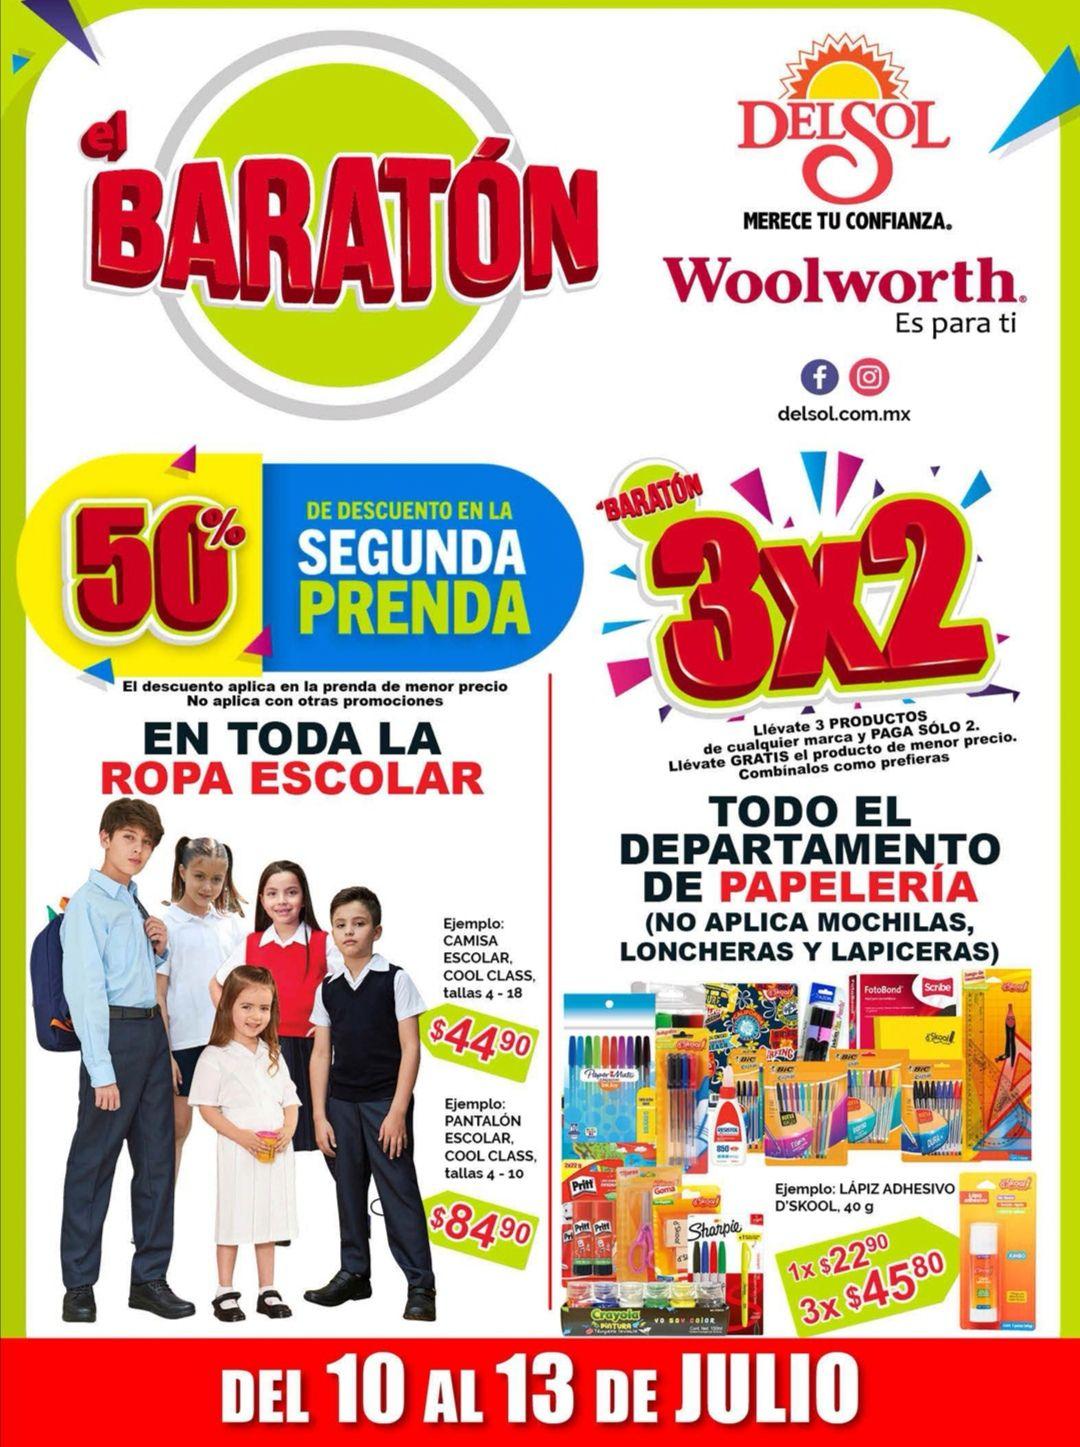 """Woolworth y Del Sol: 3° Folleto de Ofertas """"El Baratón"""" del Viernes 10 al Lunes 13 de Julio"""